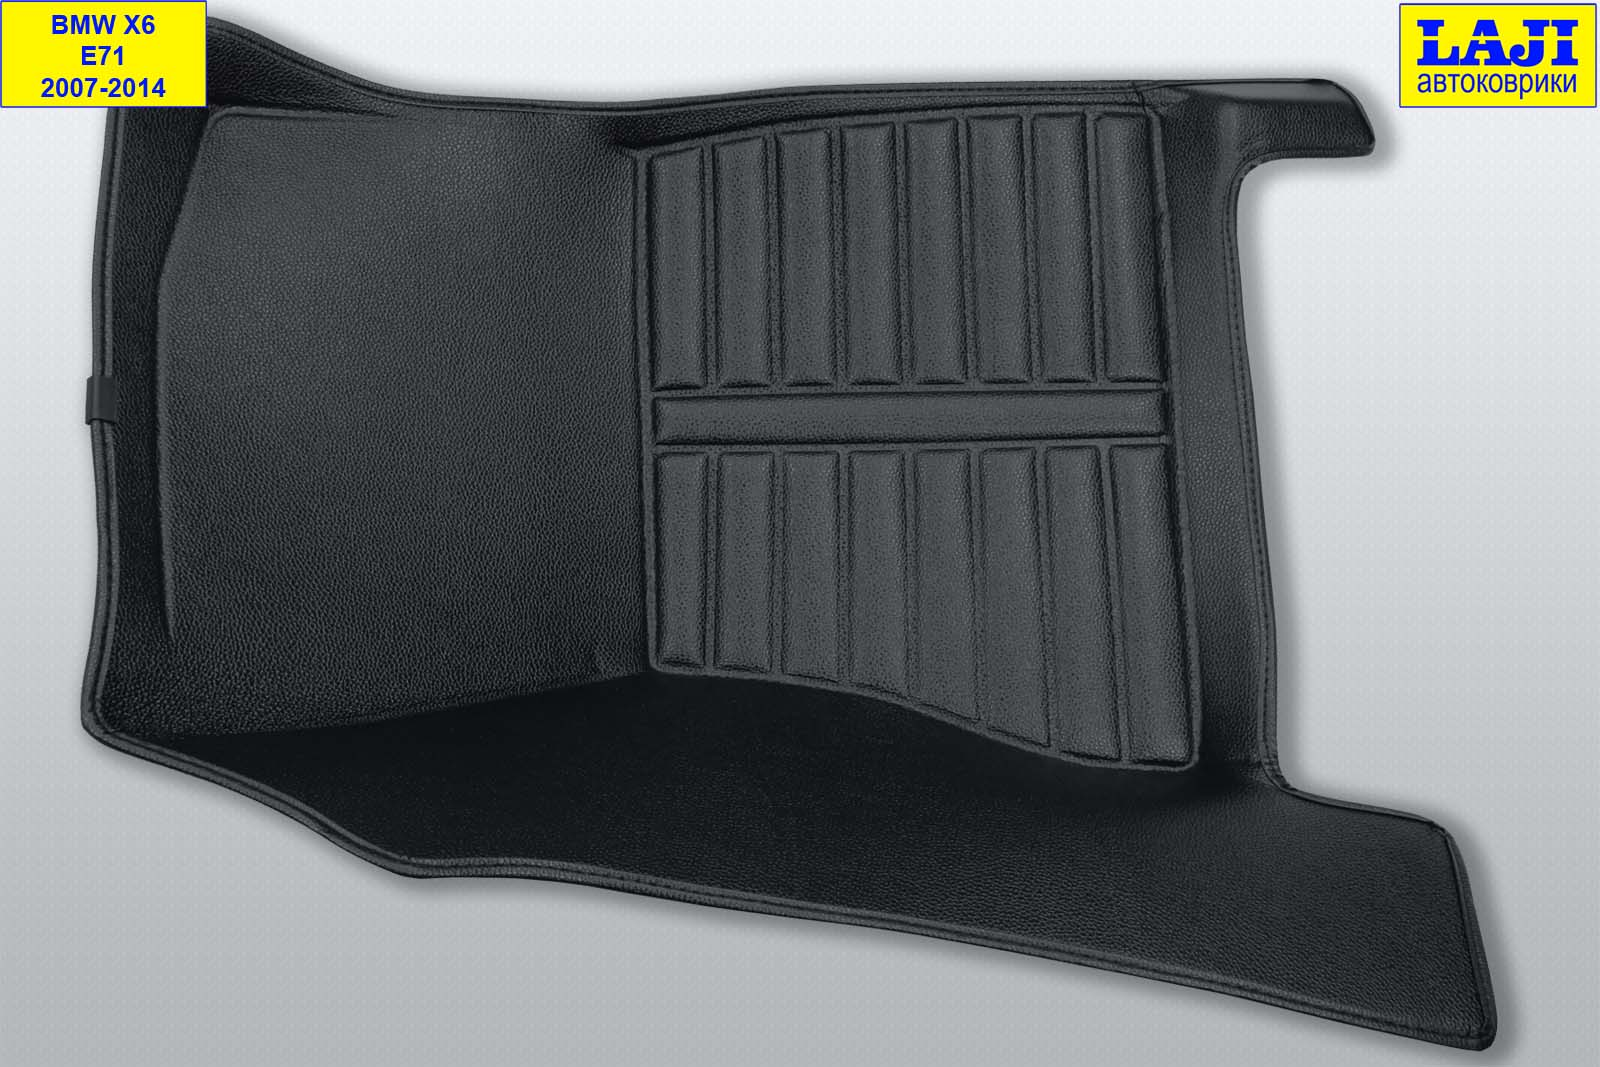 5D коврики в салон BMW X6 (E71) 2007-2014 5